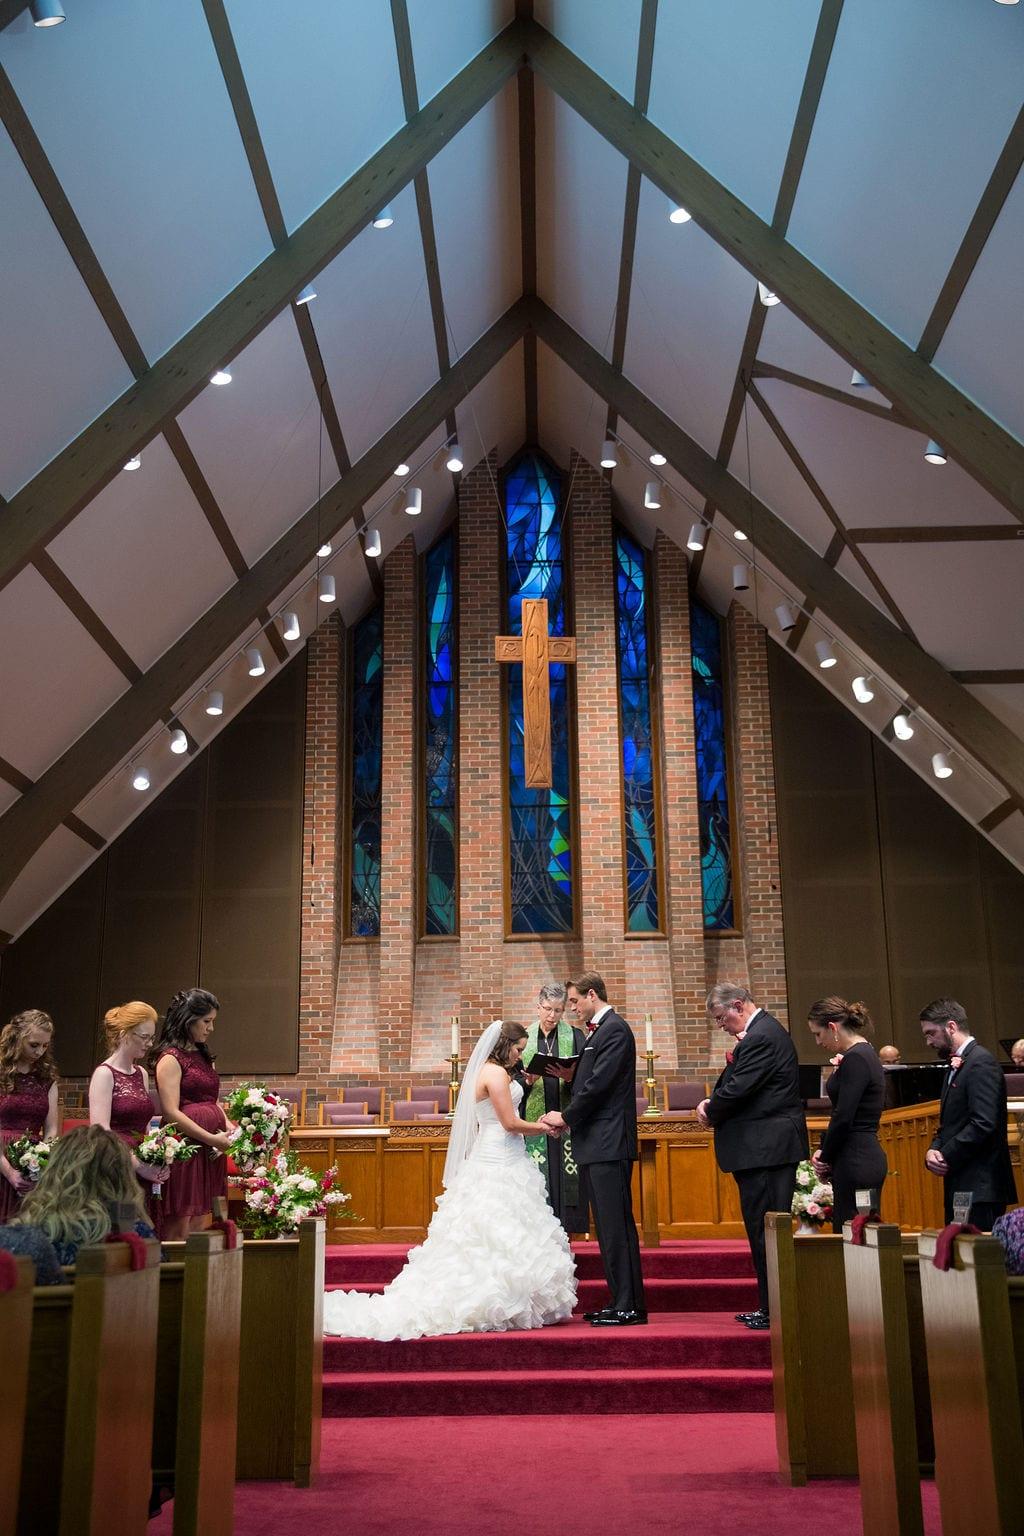 Ashley - Josh's wedding ceremony